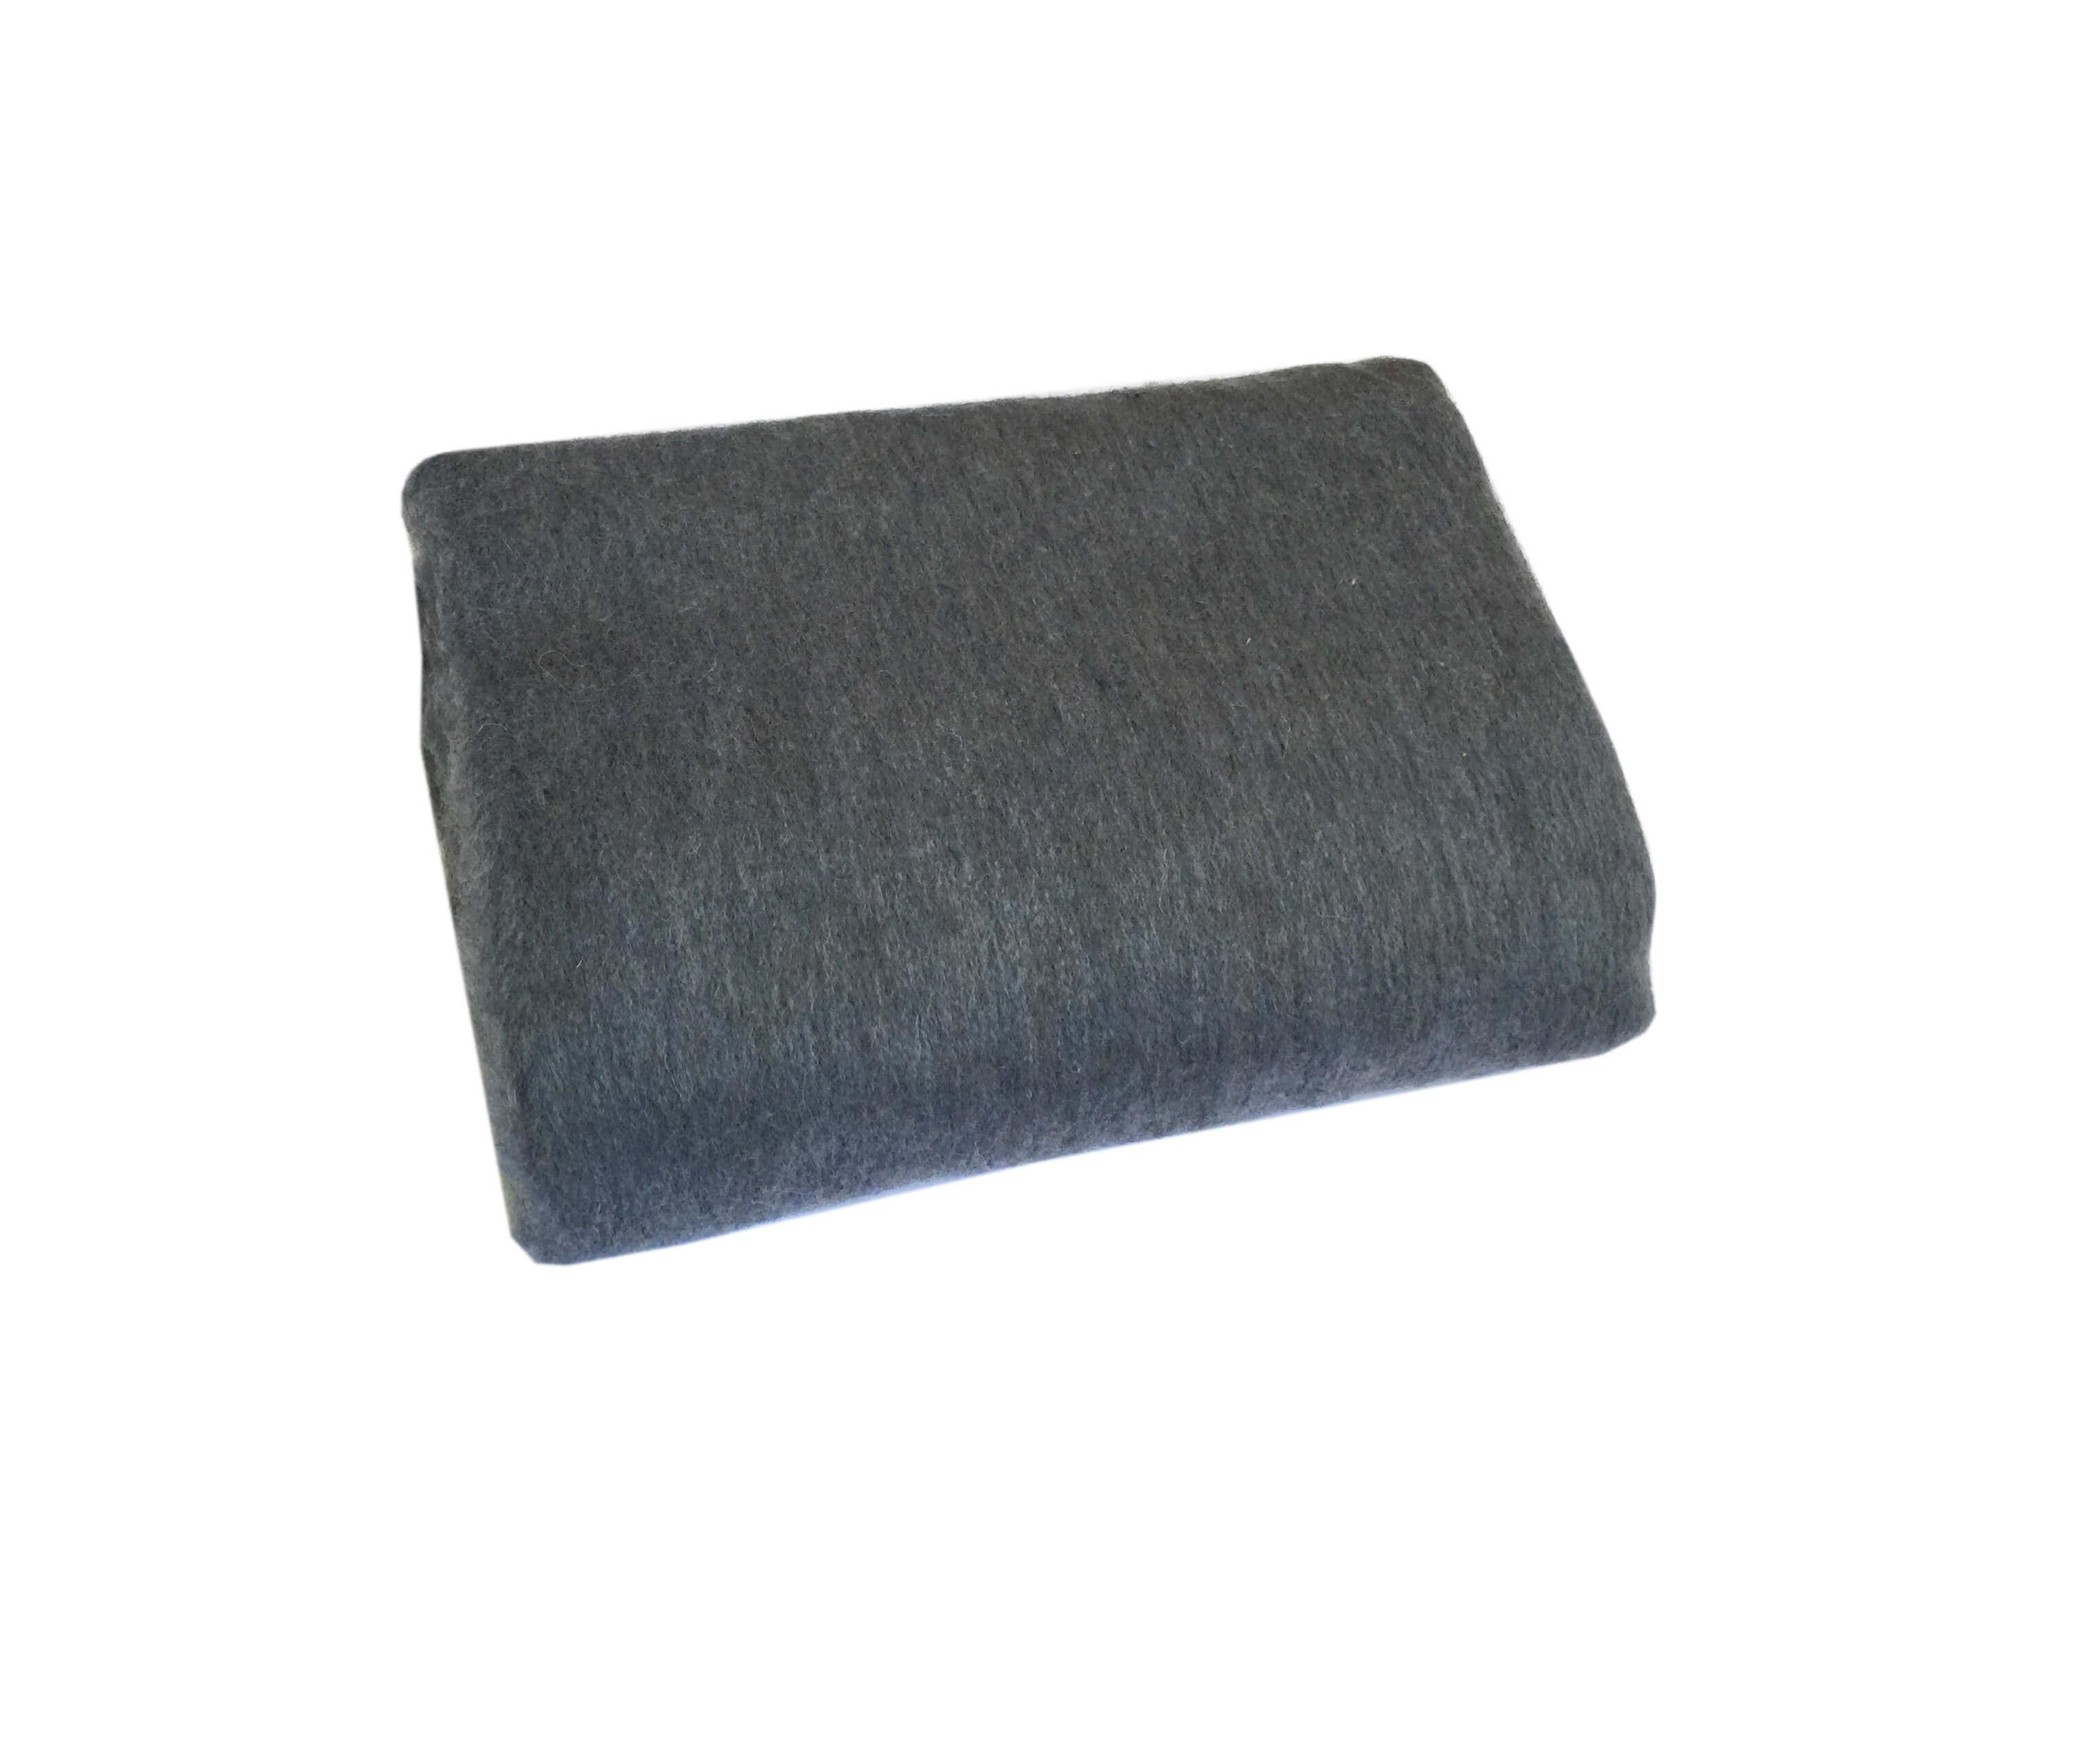 Одеяло полушерстяное 1,5-спальное. Плотность 700 г/м2 (Серо-голубой)